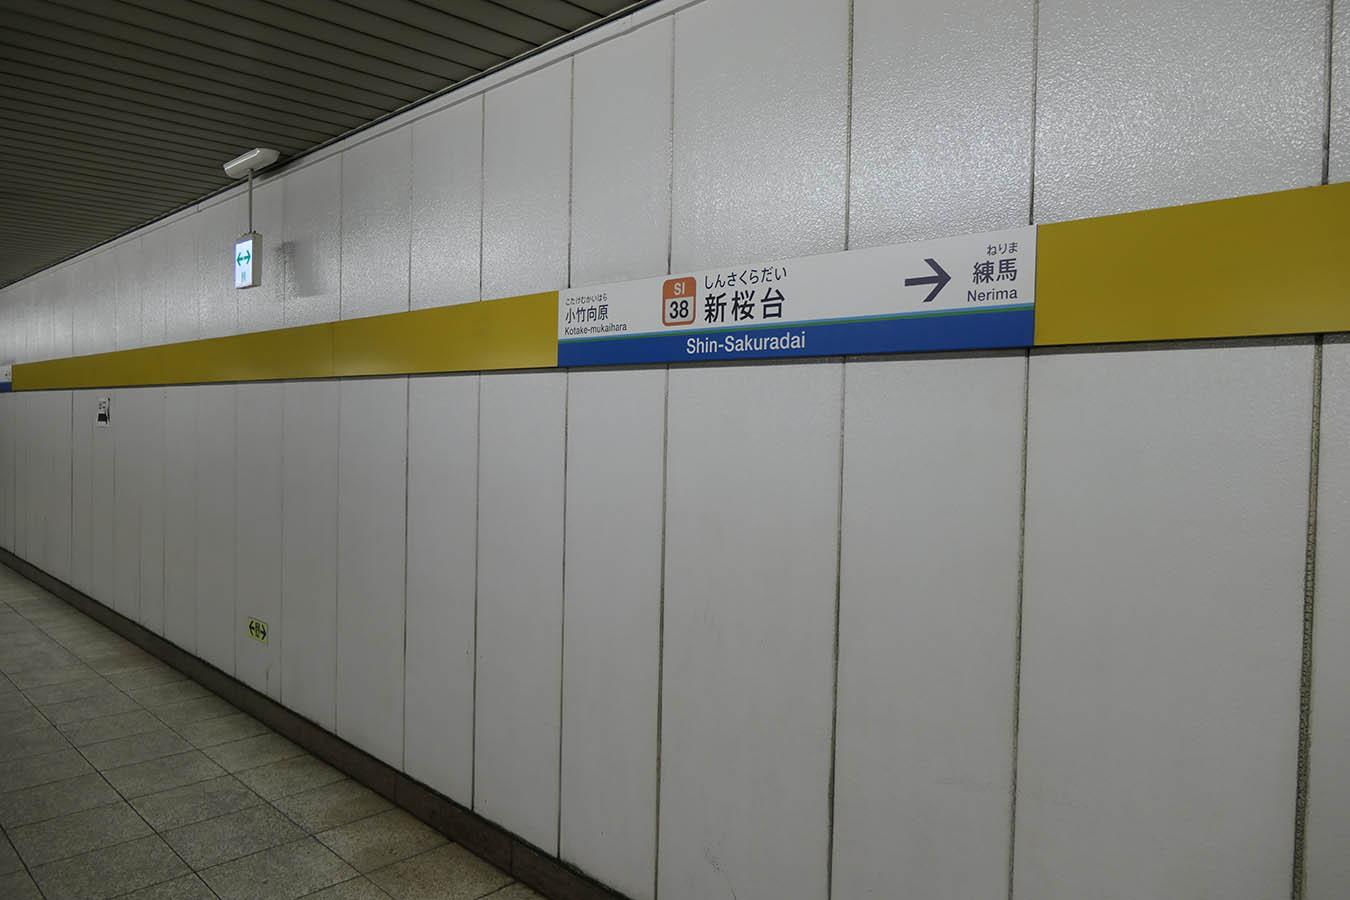 si38_photo01.jpg